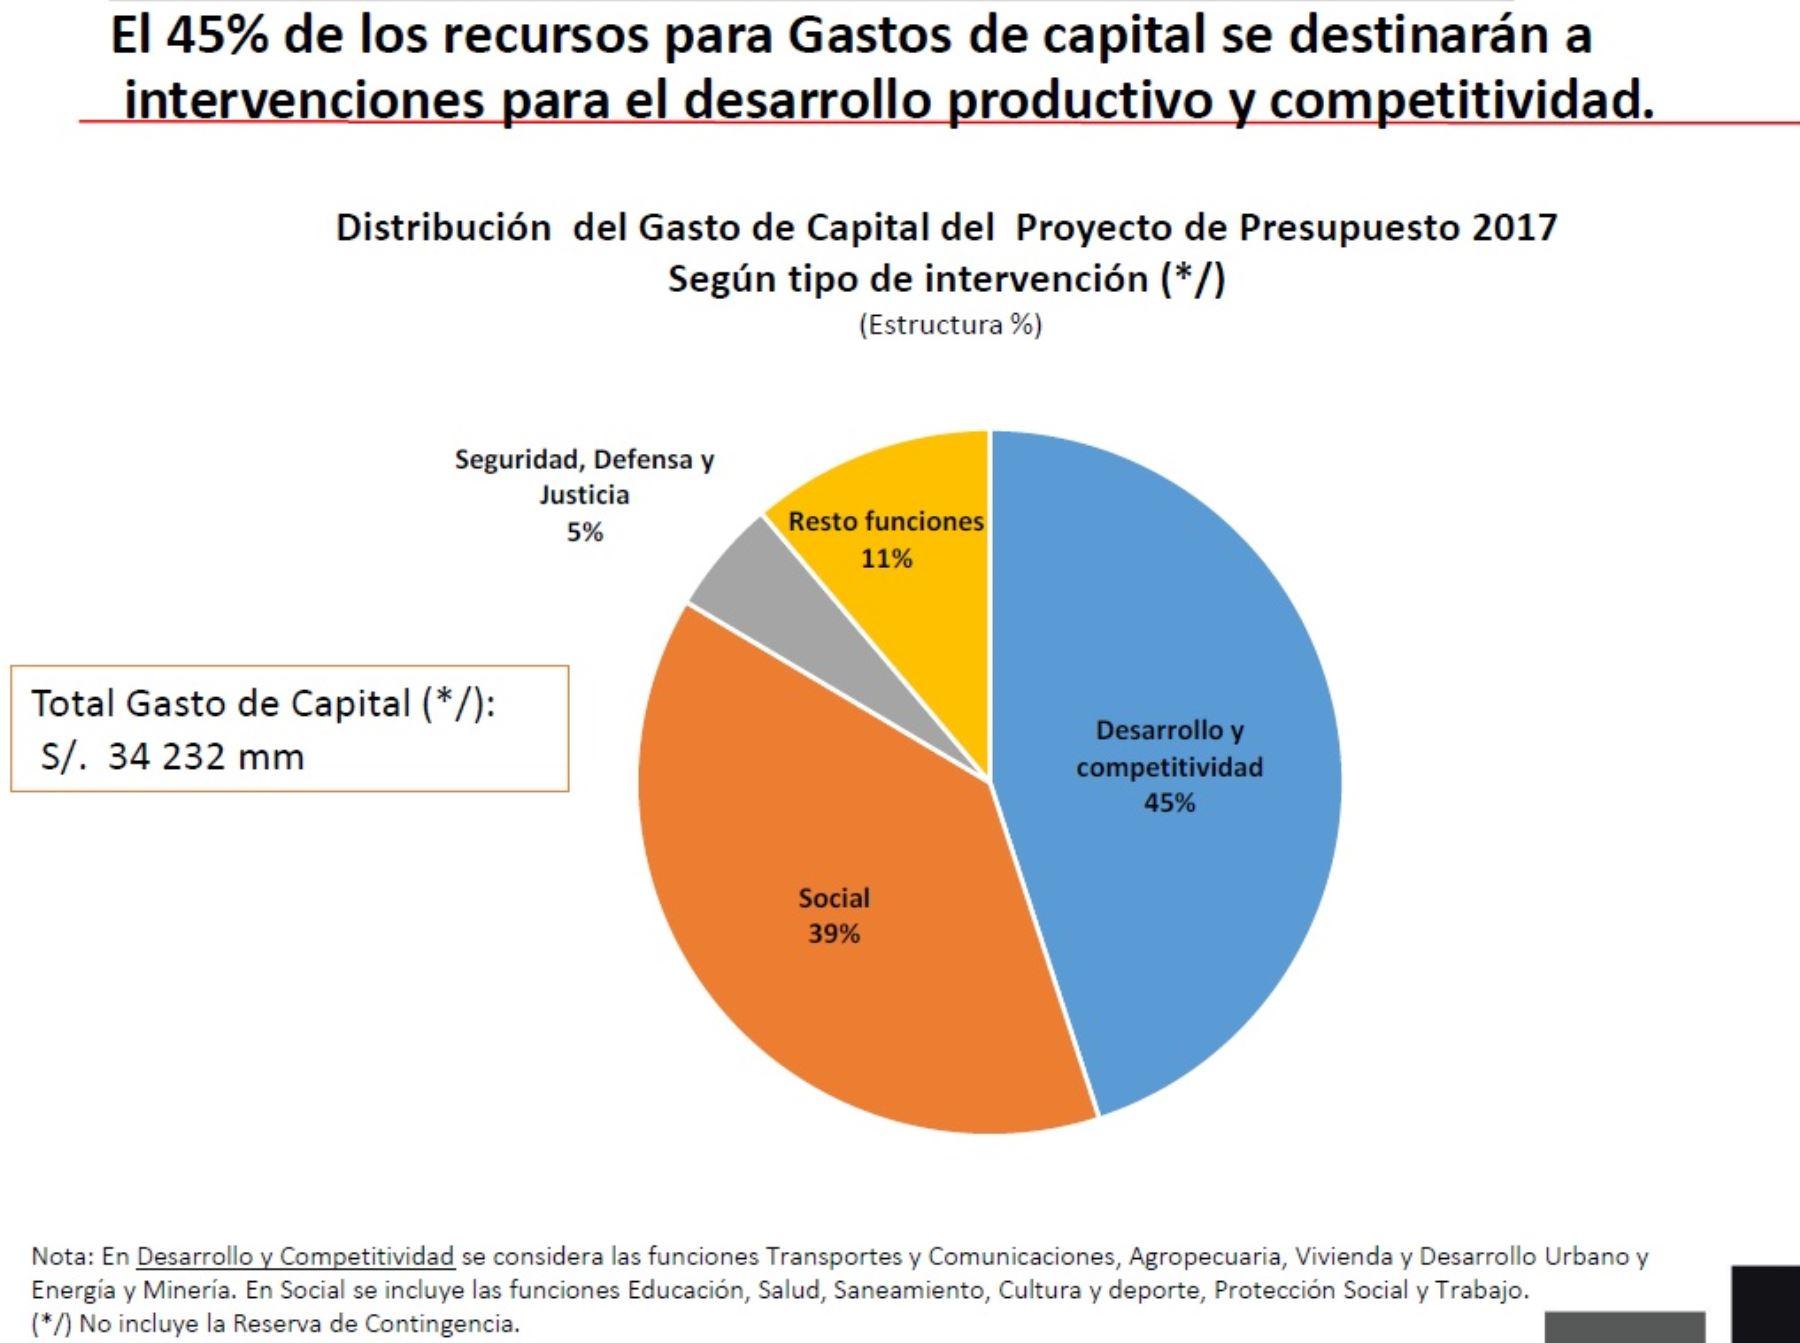 Proyecto de Presupuesto 2017. Fuente: MEF.